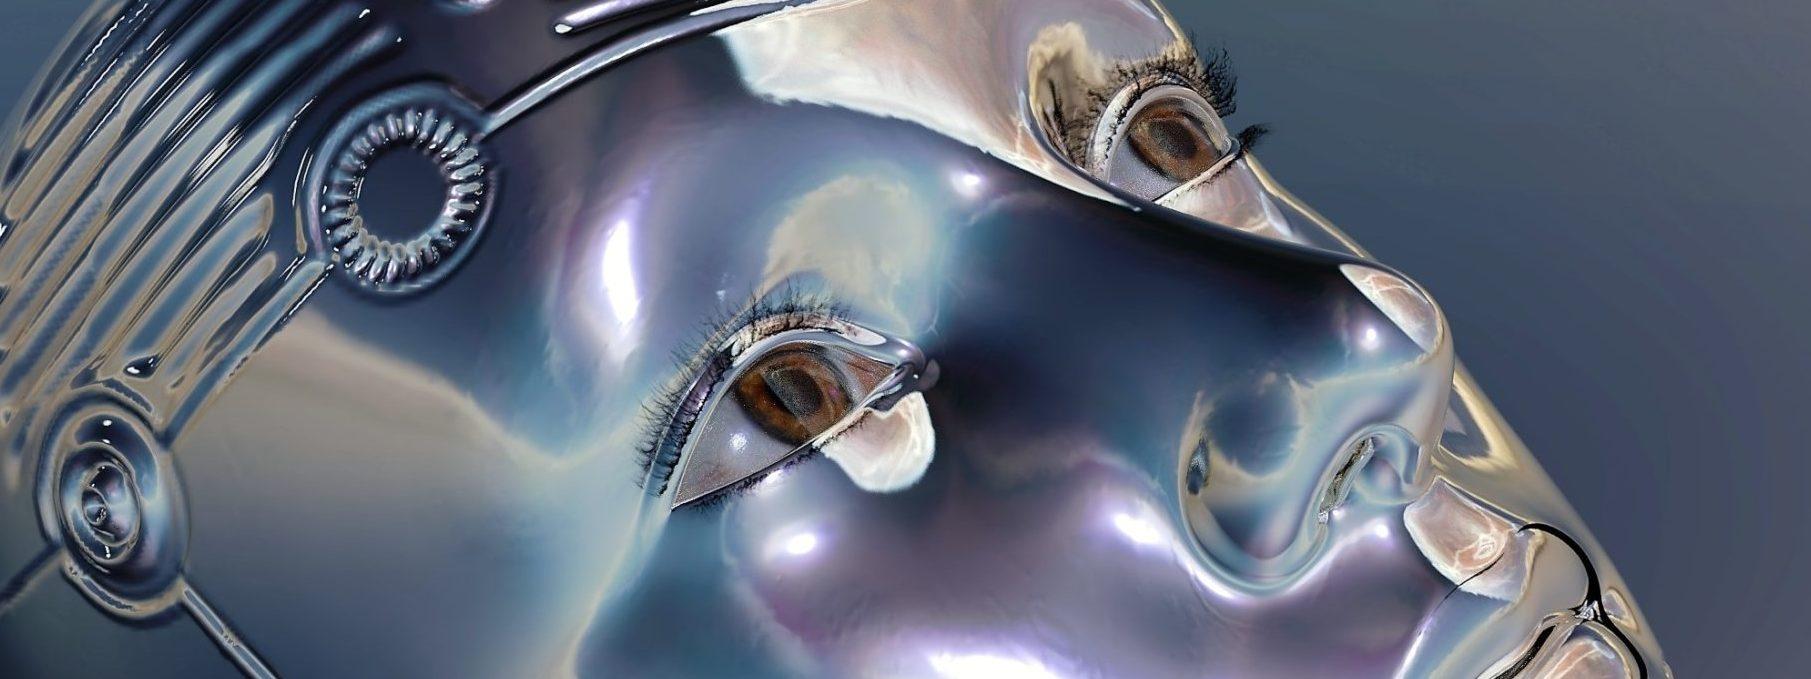 Neuer Aufsatz zu Künstlicher Intelligenz  Kopieren